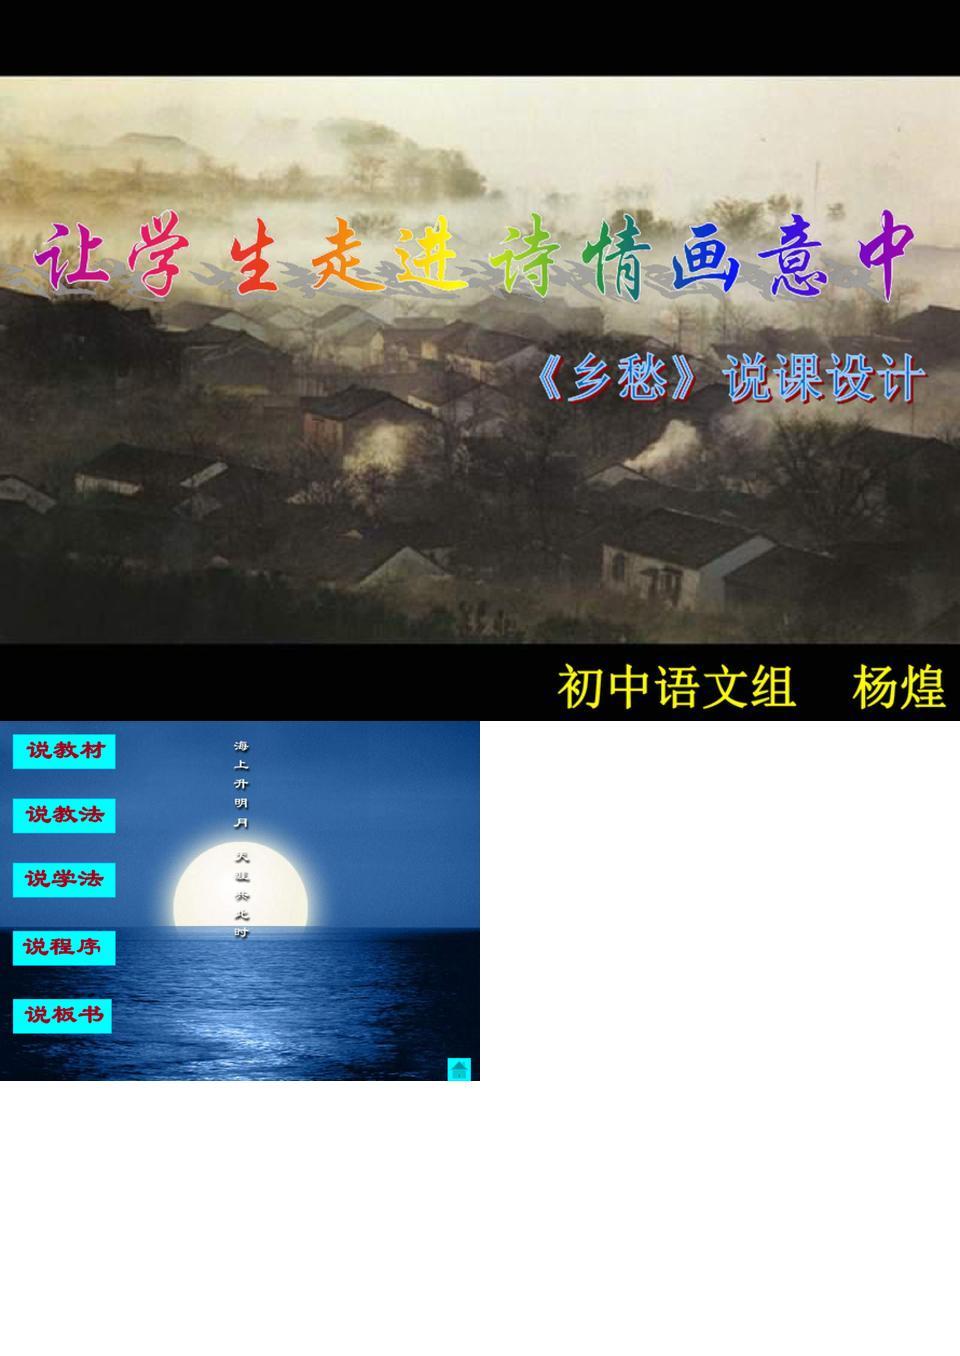 【人教新课标】七年级下册乡愁 说课课件.ppt